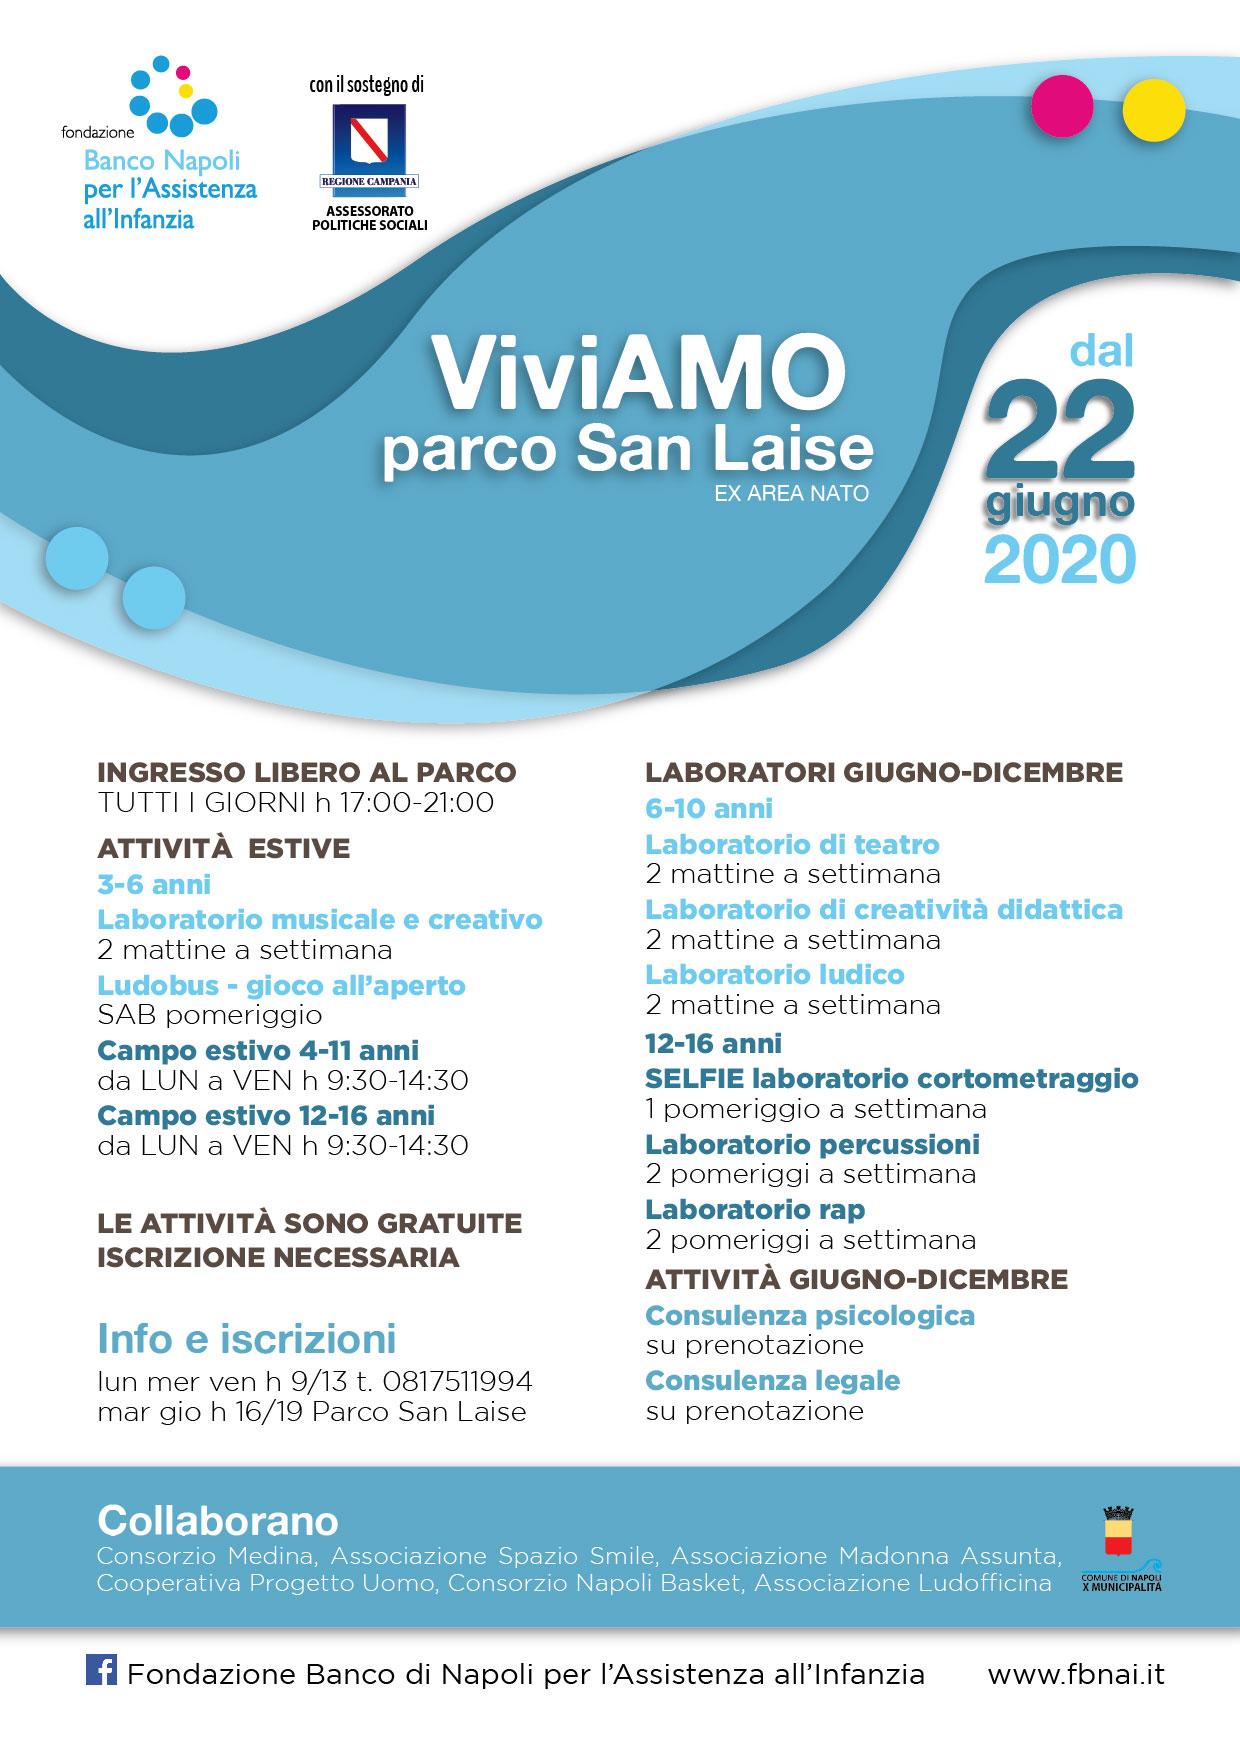 2020 Fbnai ViviAMO ParcoSanLaise 22giu A4